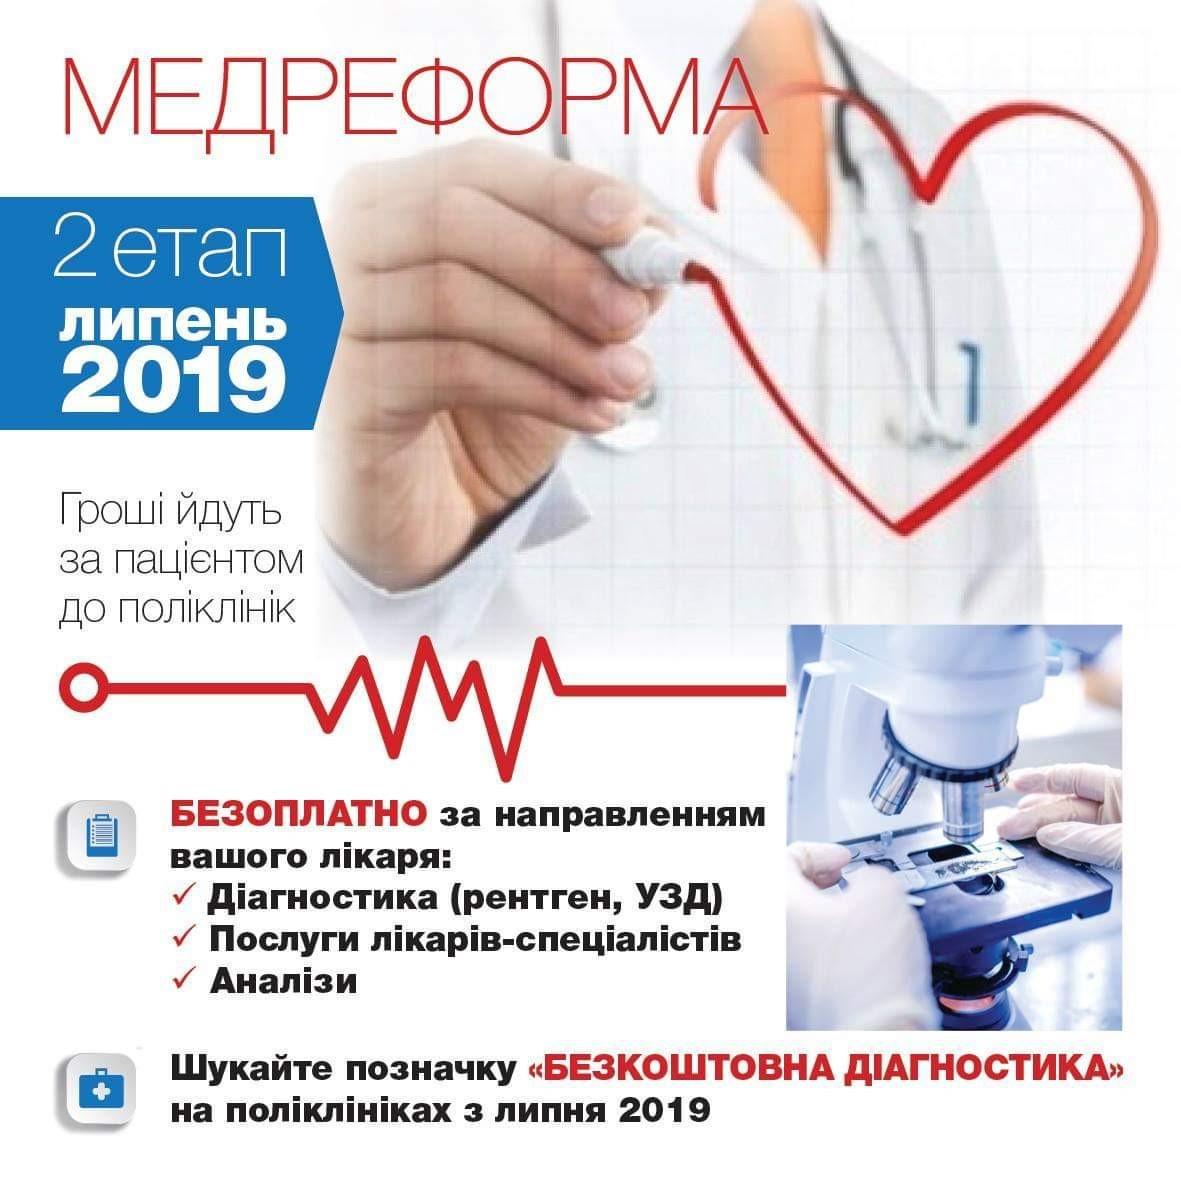 2019_01_17med_reforma_2[1]